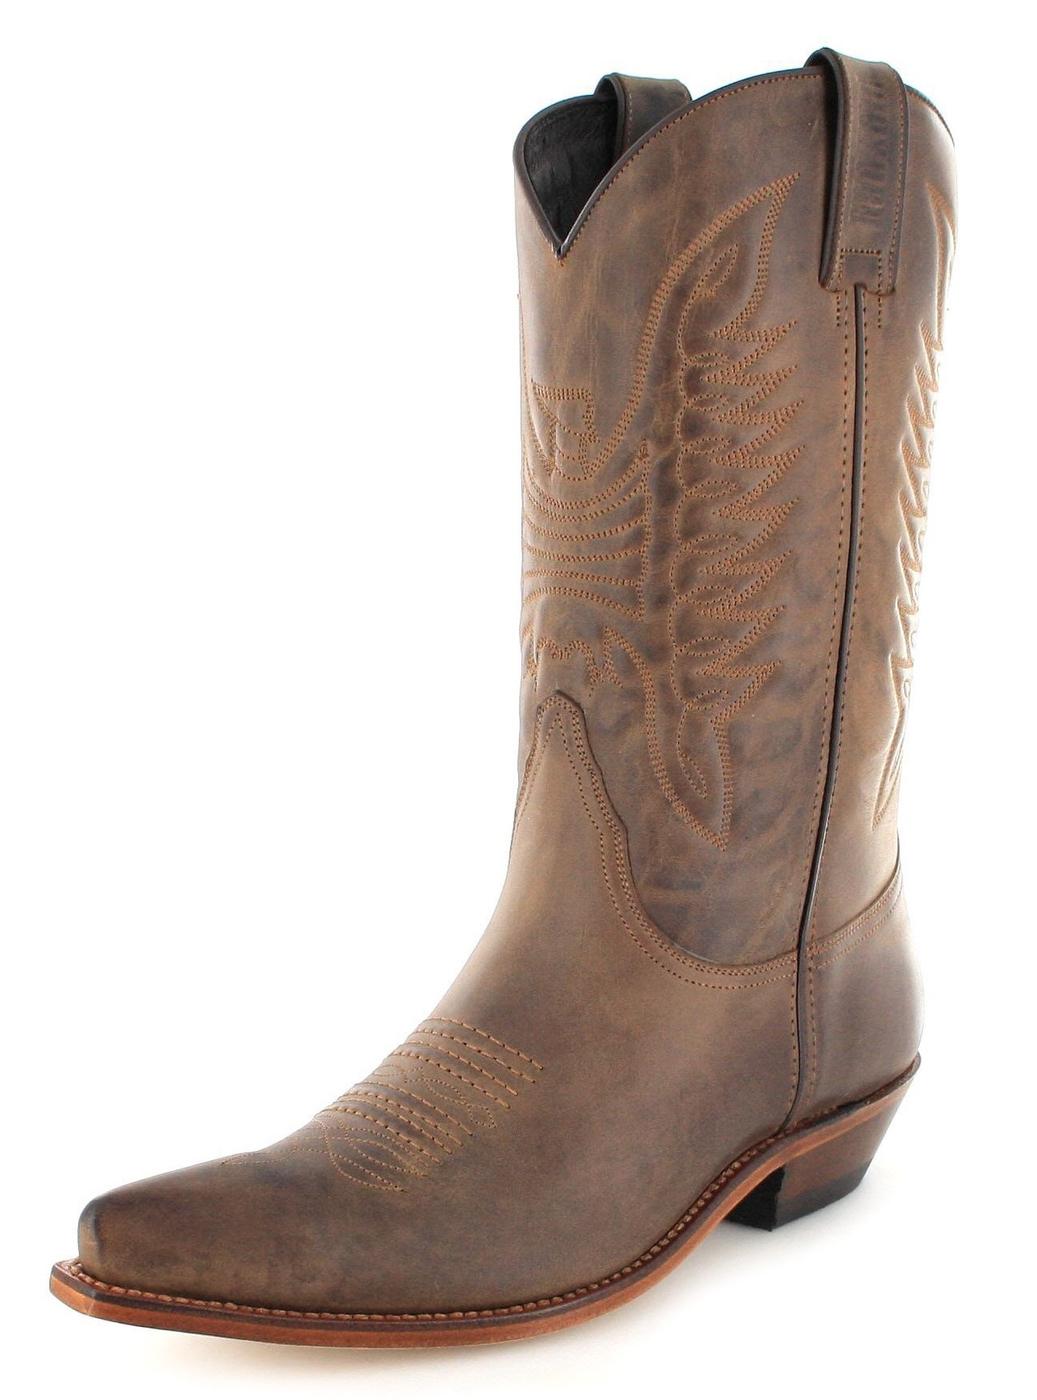 Mayura Boots MB020 Sadale westernlaars - bruin